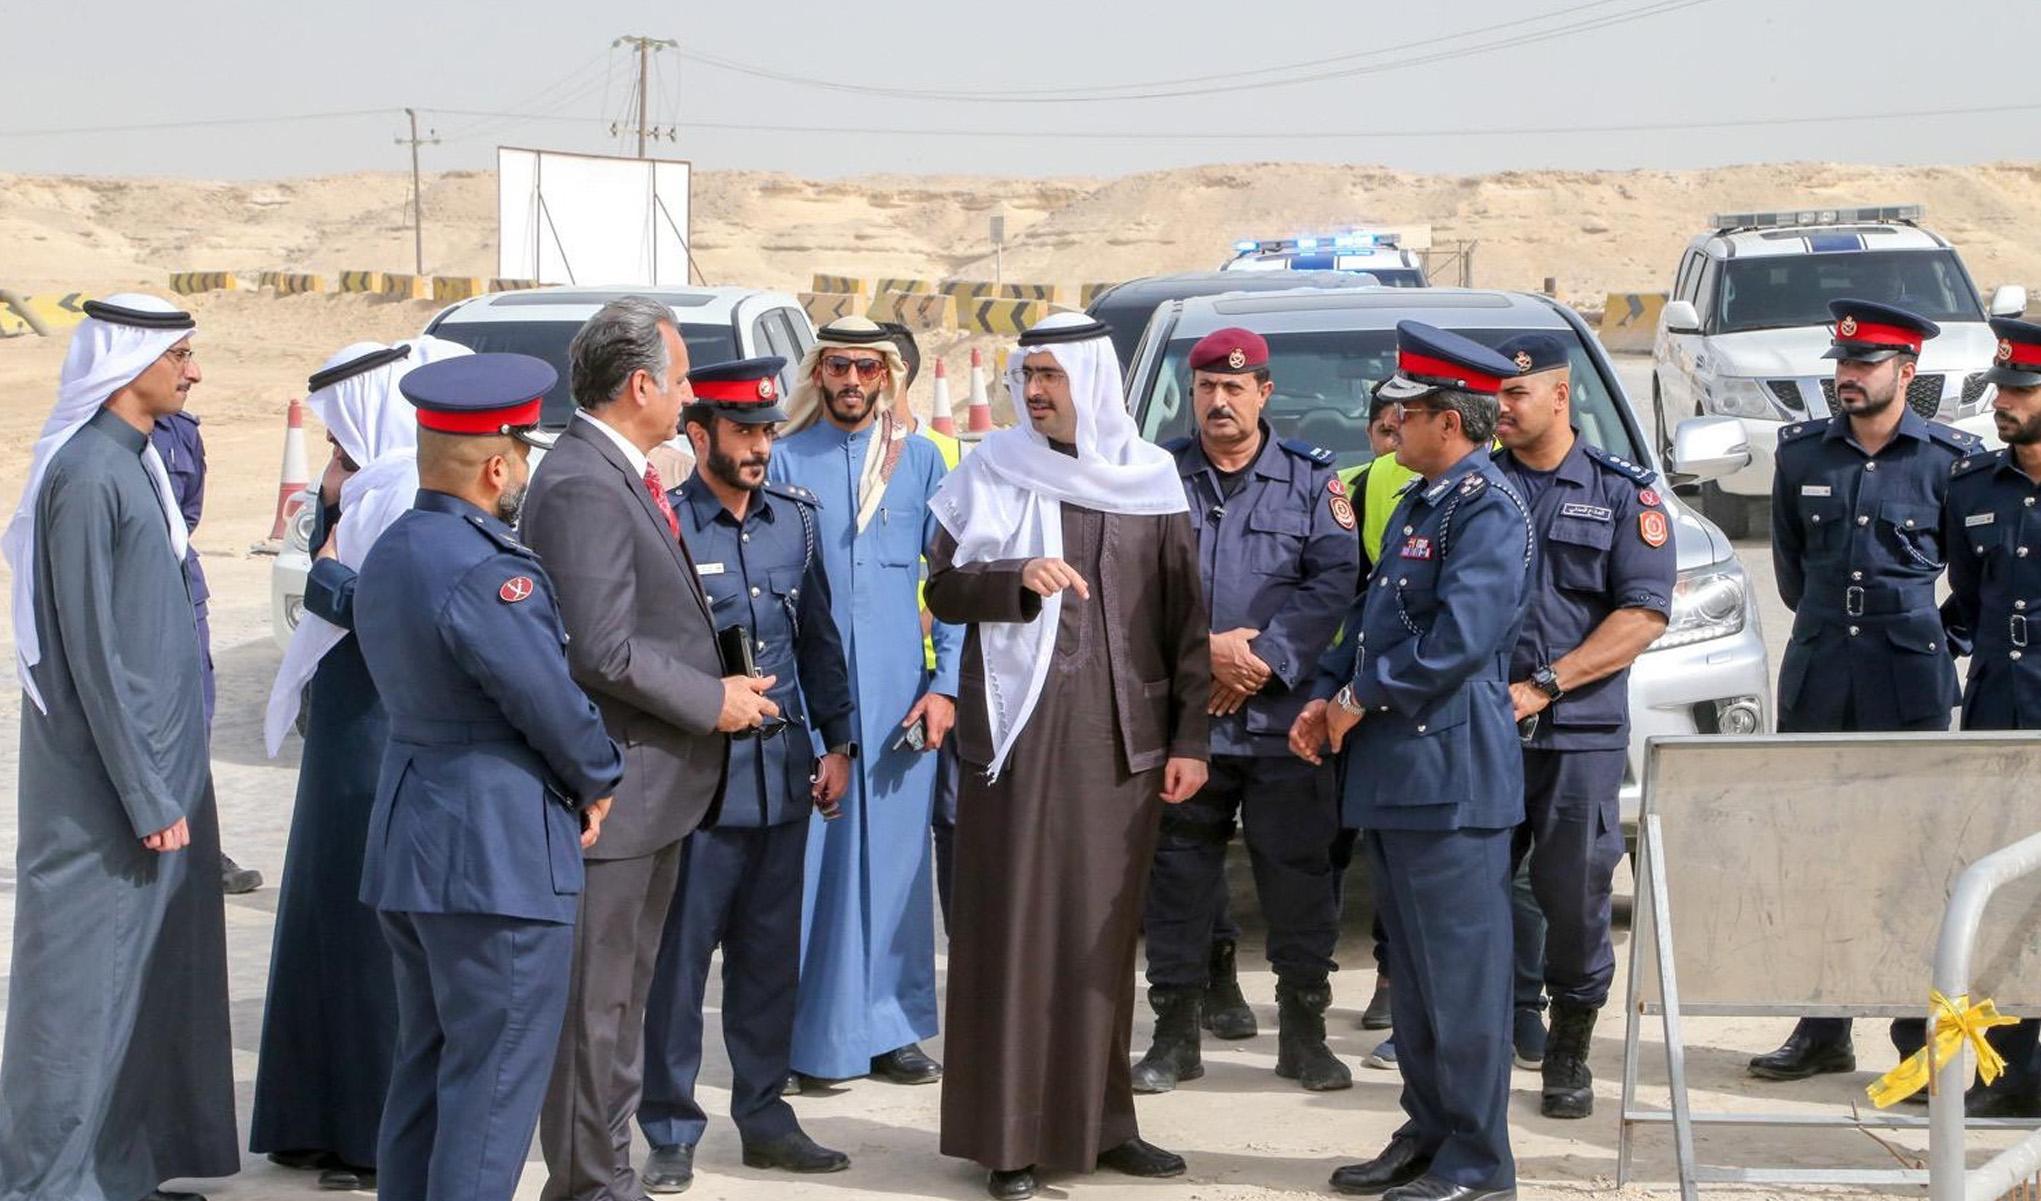 سمو المحافظ يقوم بزيارة إلى مركز خدمات المخيمين ومتابعة شؤون البر بمنطقة الصخير